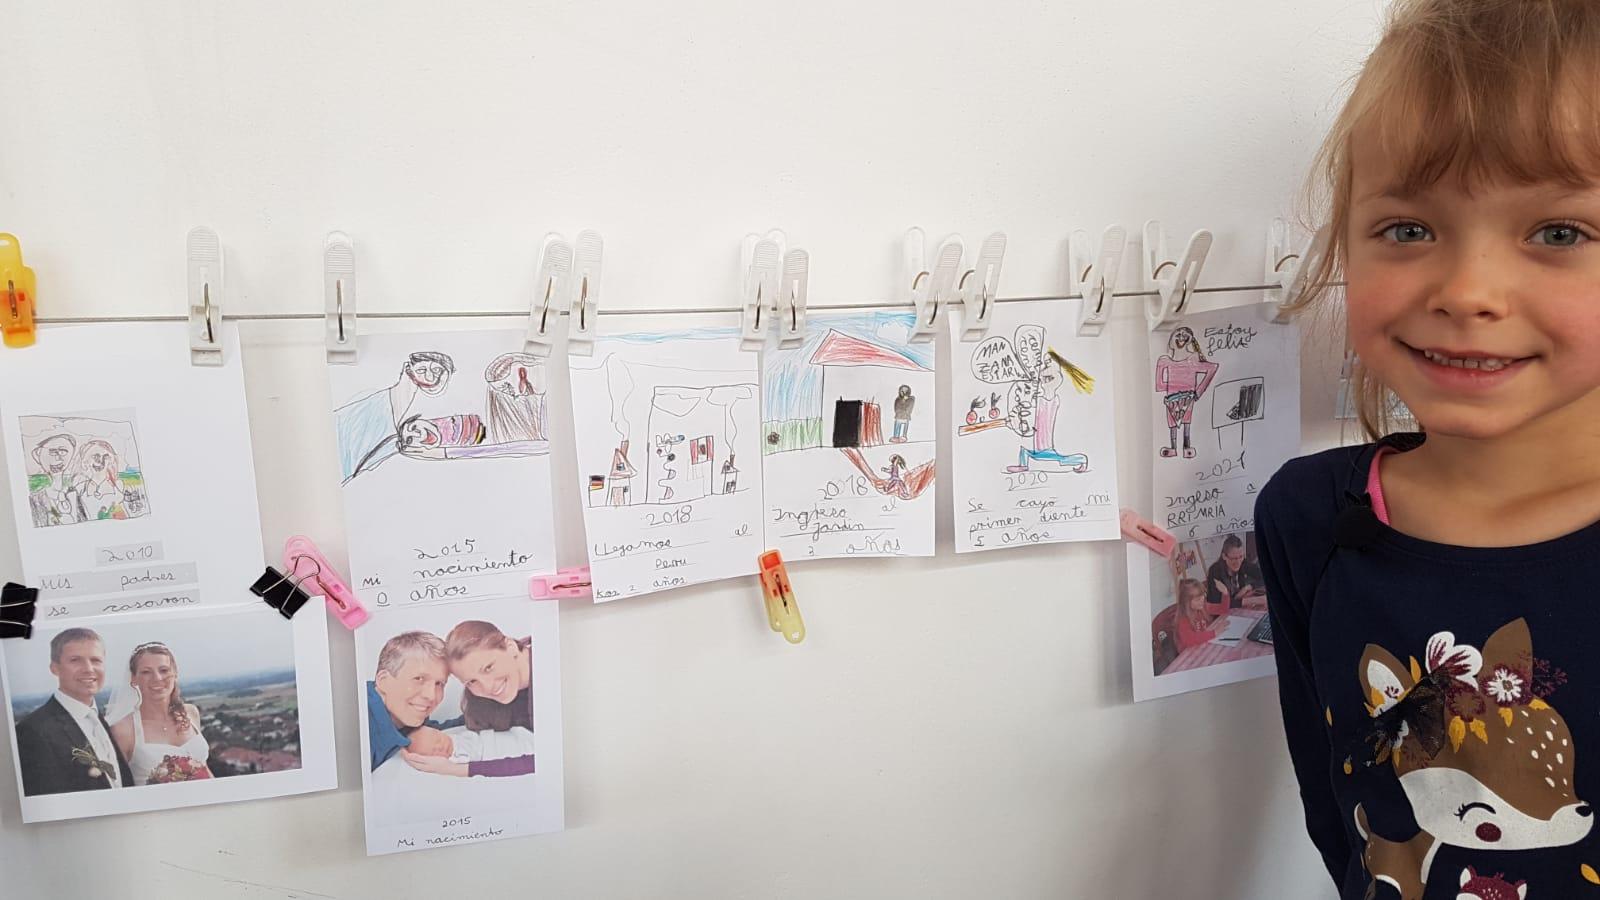 """Hier sollte Johanna eine """"Zeitleiste"""" mit wichtigen Ereignissen erstellen. Sie hat sich für unsere Hochzeit, ihre Geburt, unseren Umzug nach Peru, ihren Start im Kindergarten, ihre erste Zahnlücke und ihre Einschulung entschieden."""